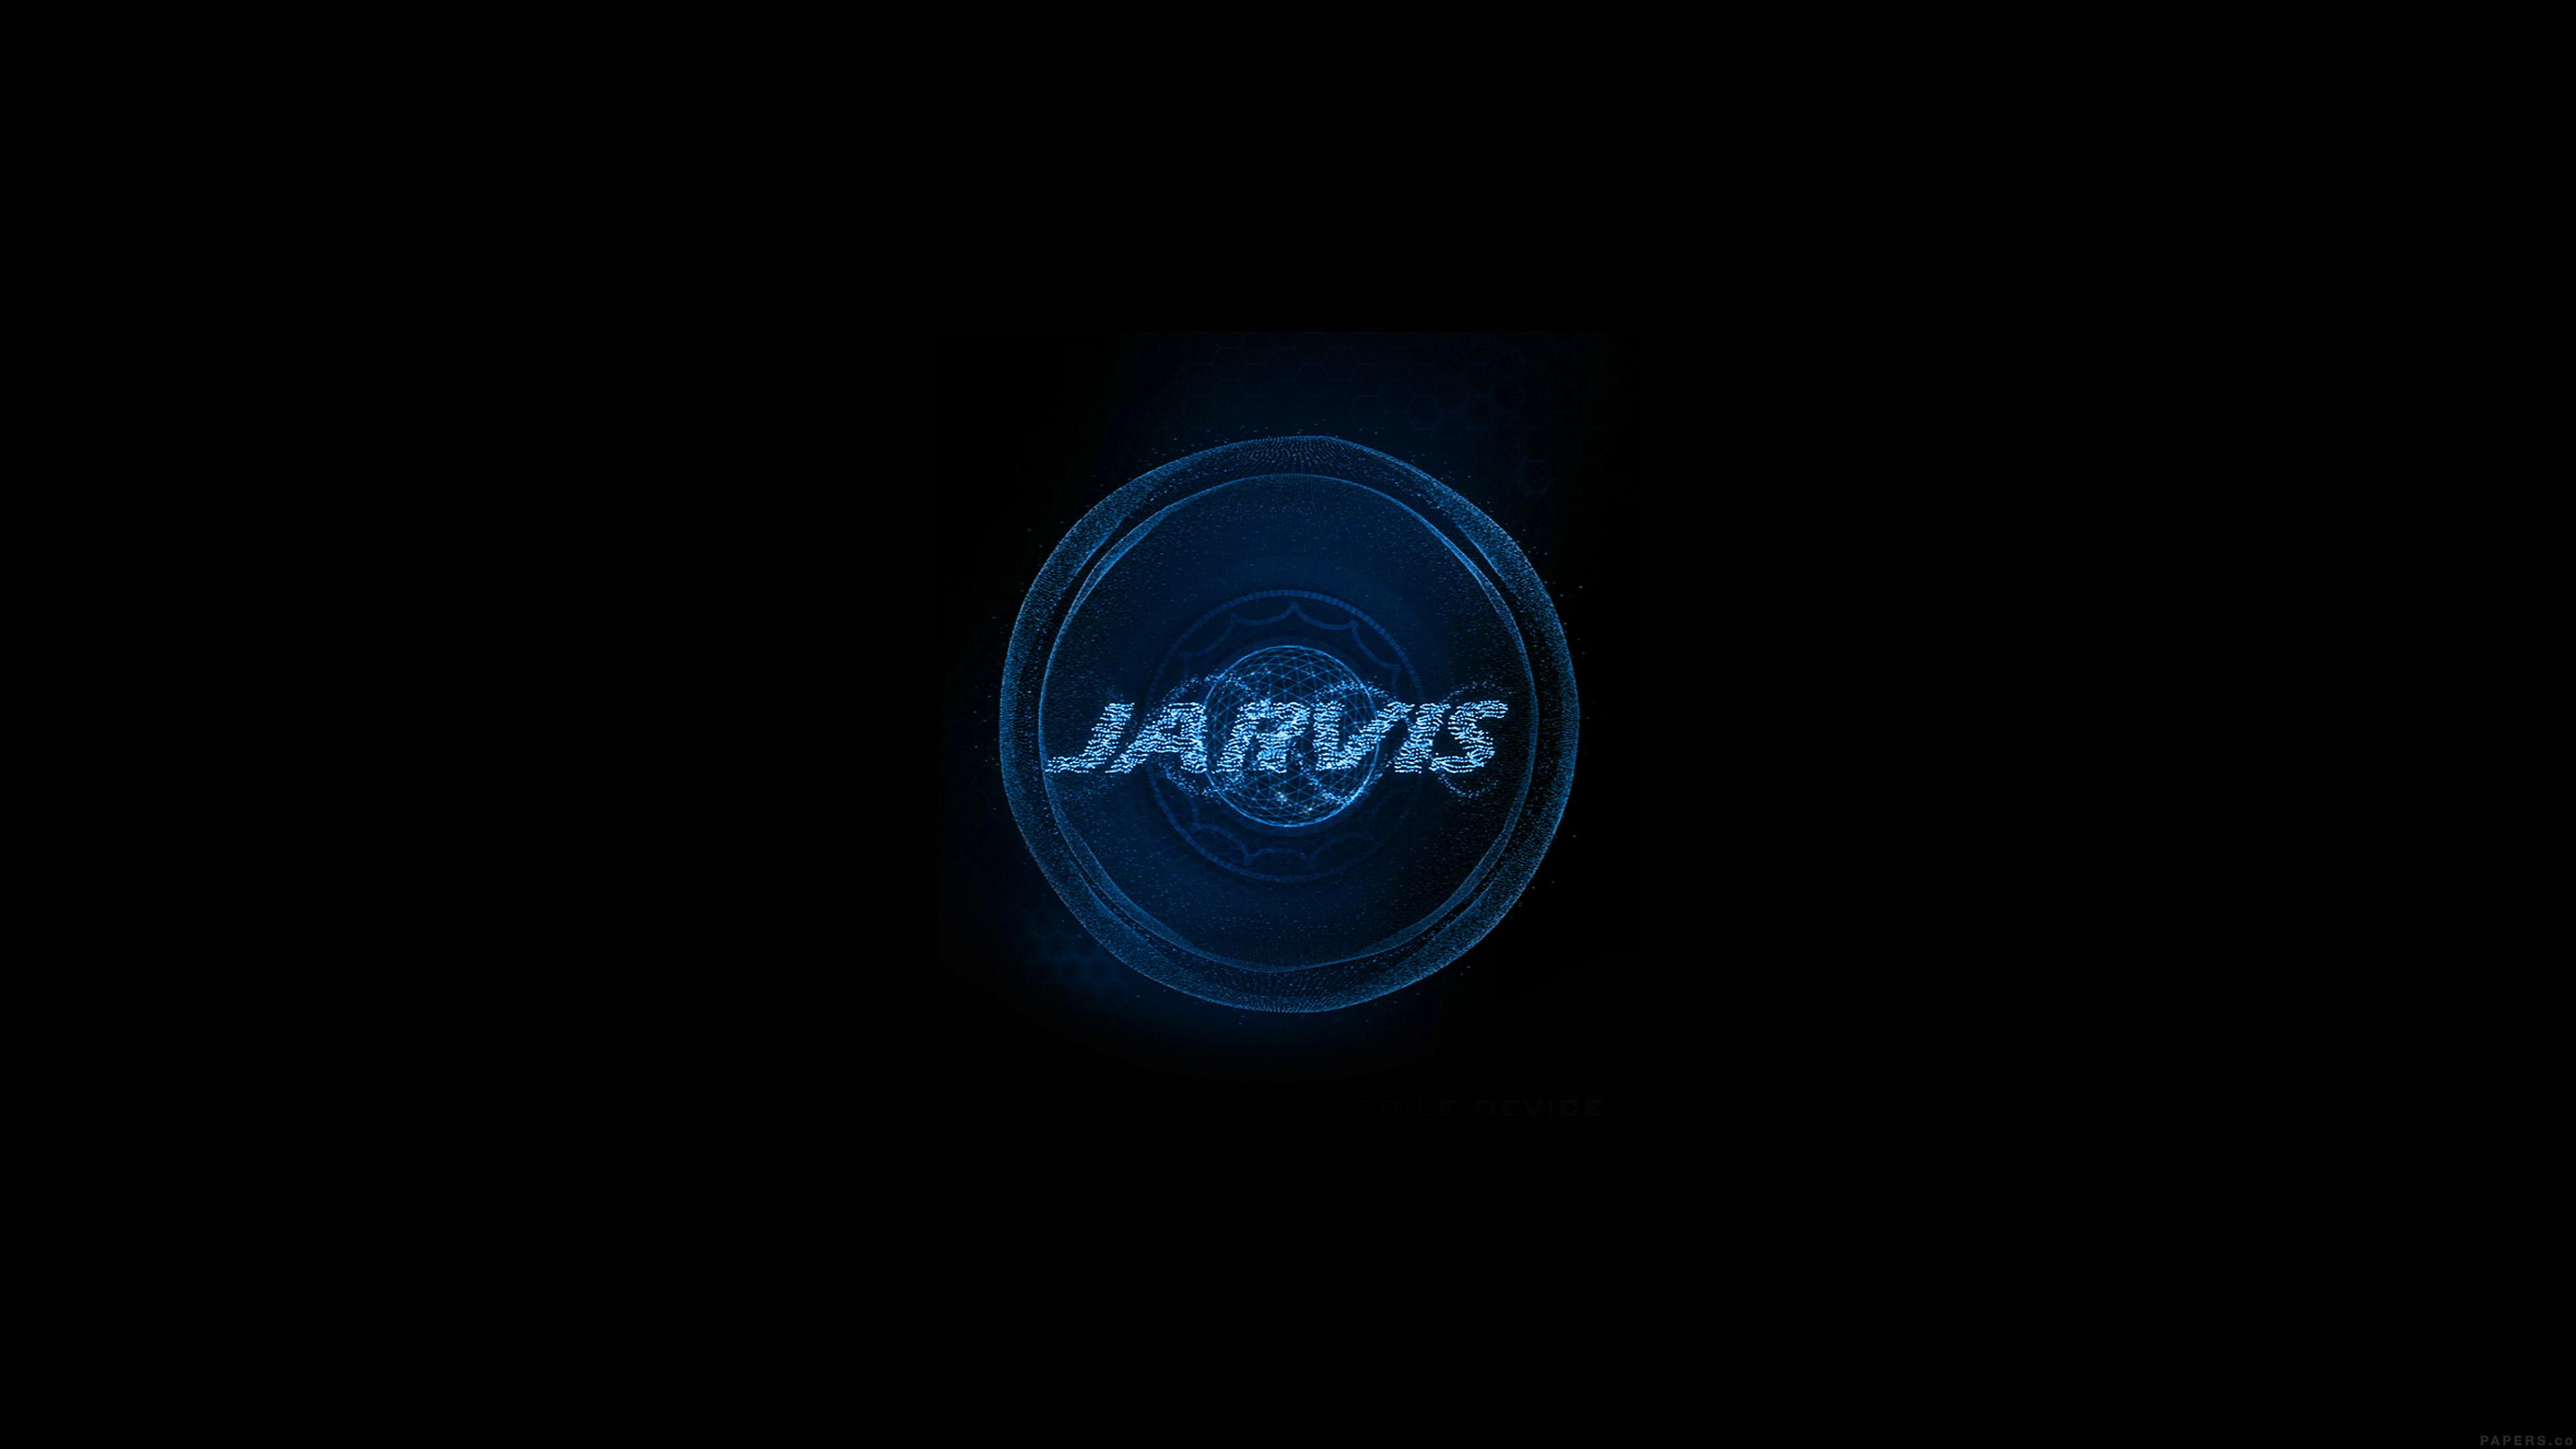 Al49 Jarvis Ironman Art Minimal Blue Wallpaper